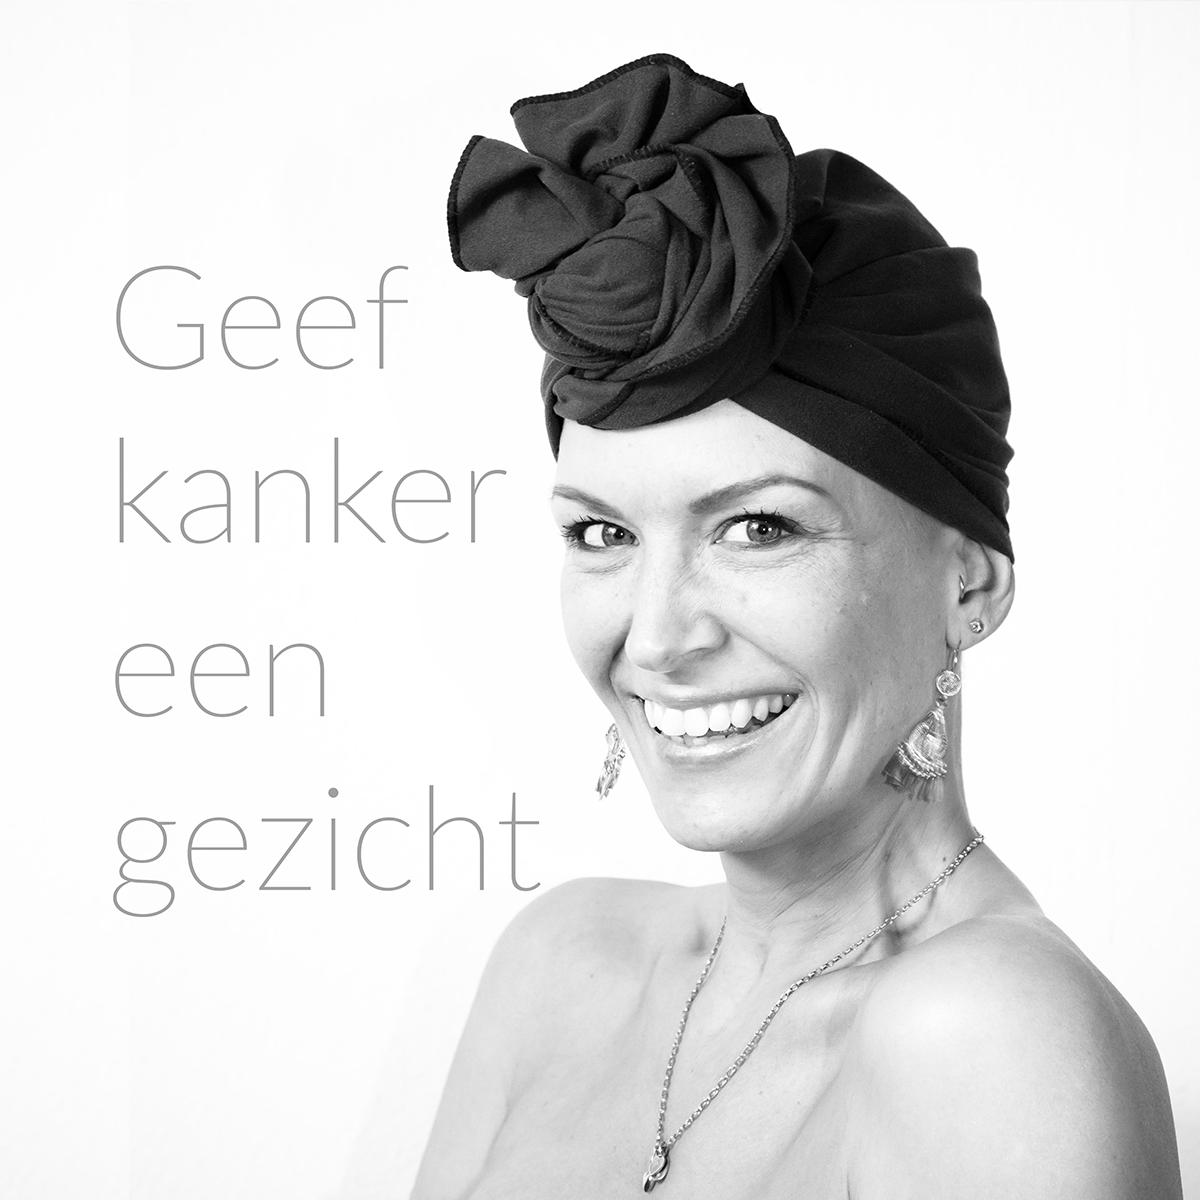 LevensFoto - - Geef kanker een gezicht cover